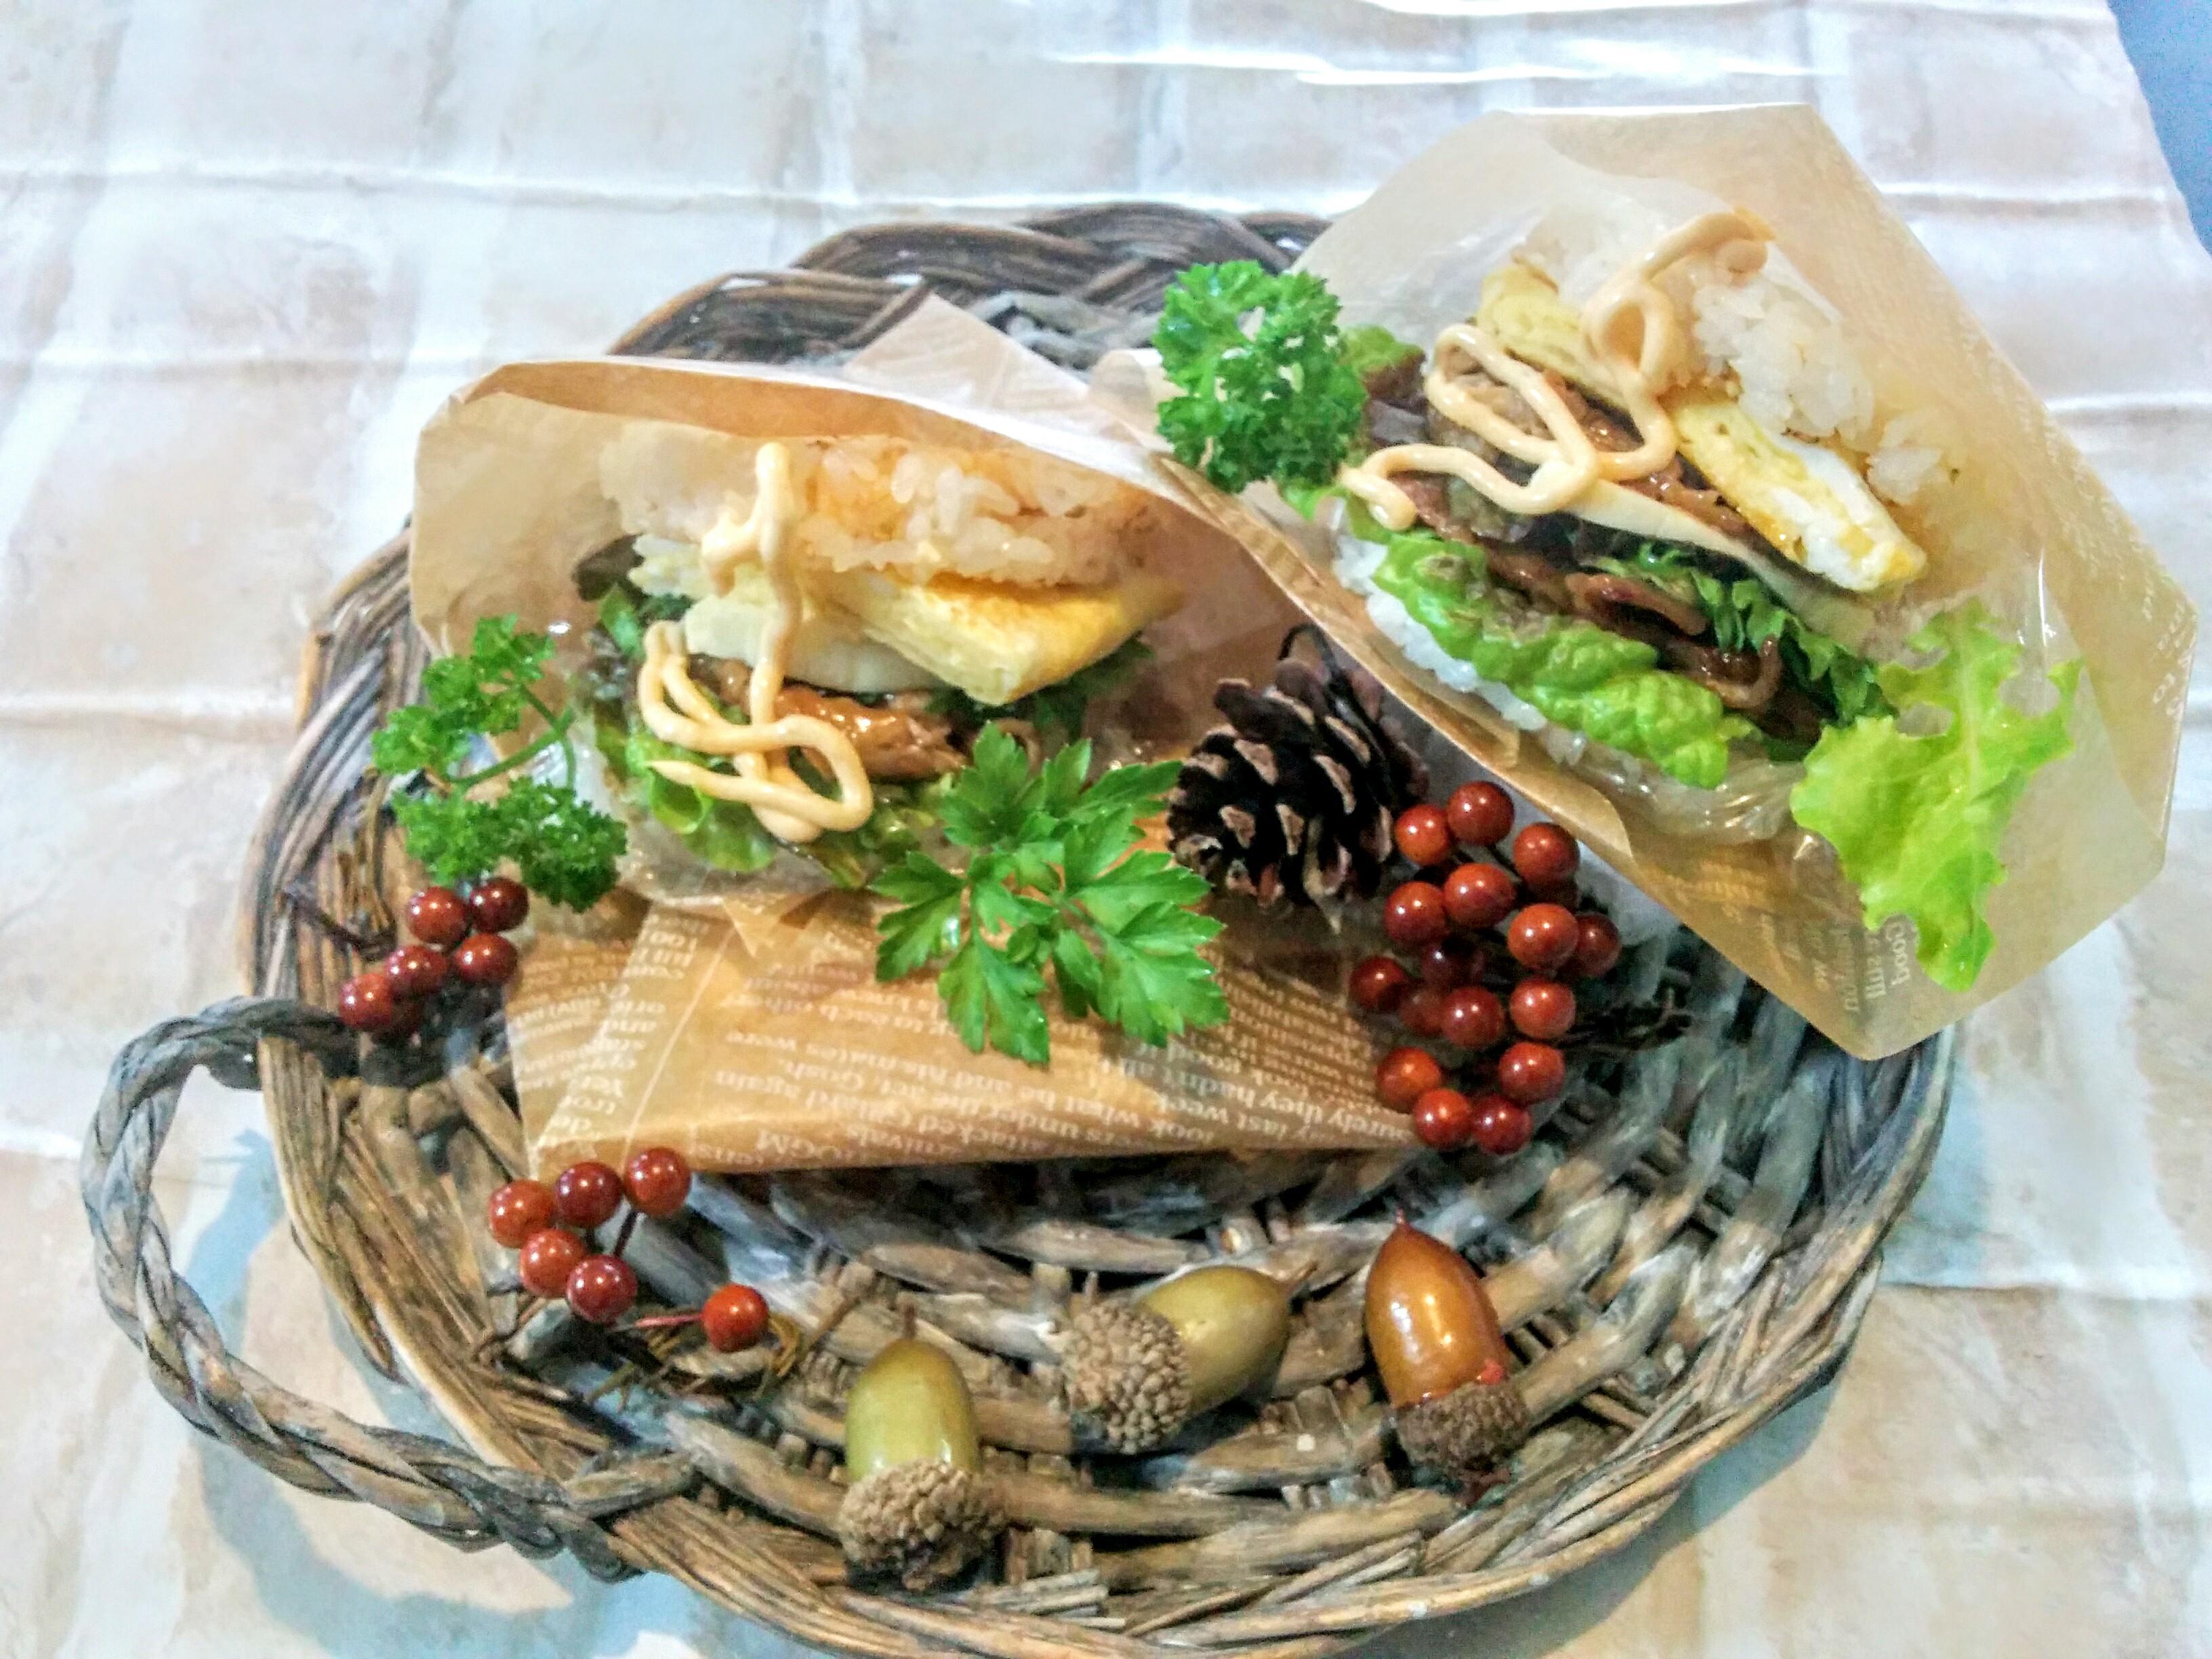 【小樽】娘の今日のお弁当・ライスバーガー弁当グルメ案内です。